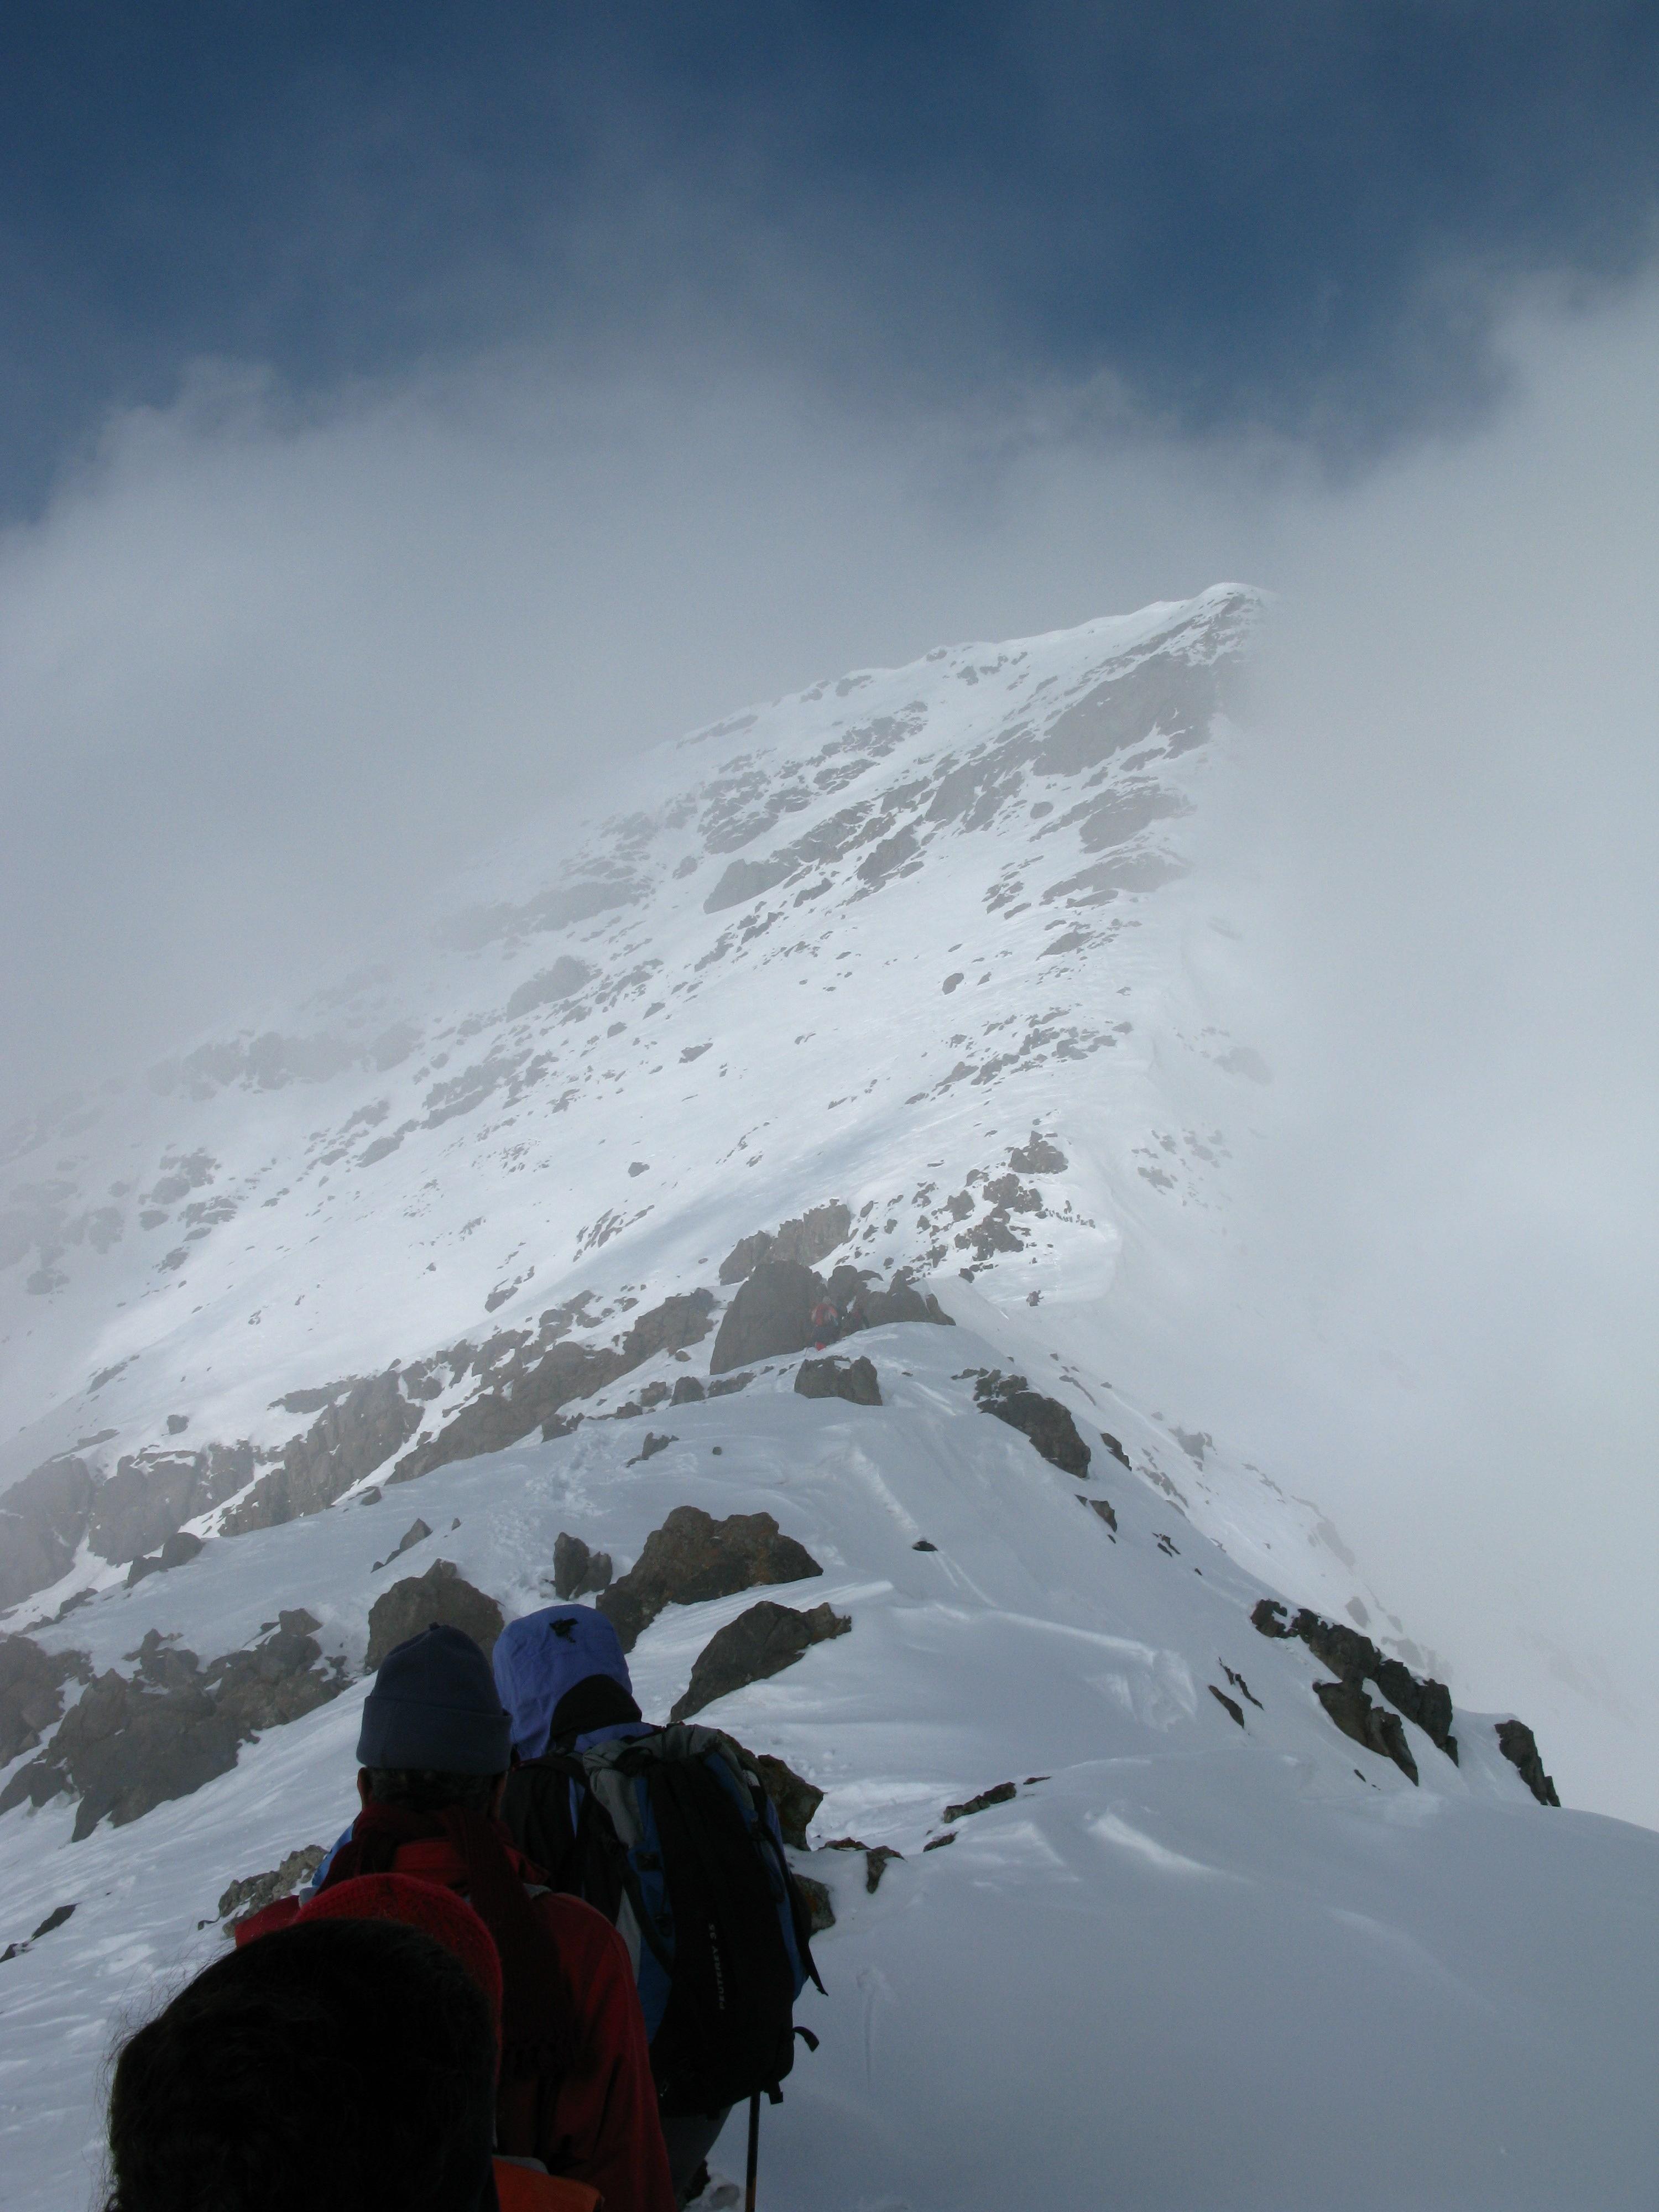 صعود قلۀ جانستون ؛ مشترک با خانۀ کوه نوردان تهران